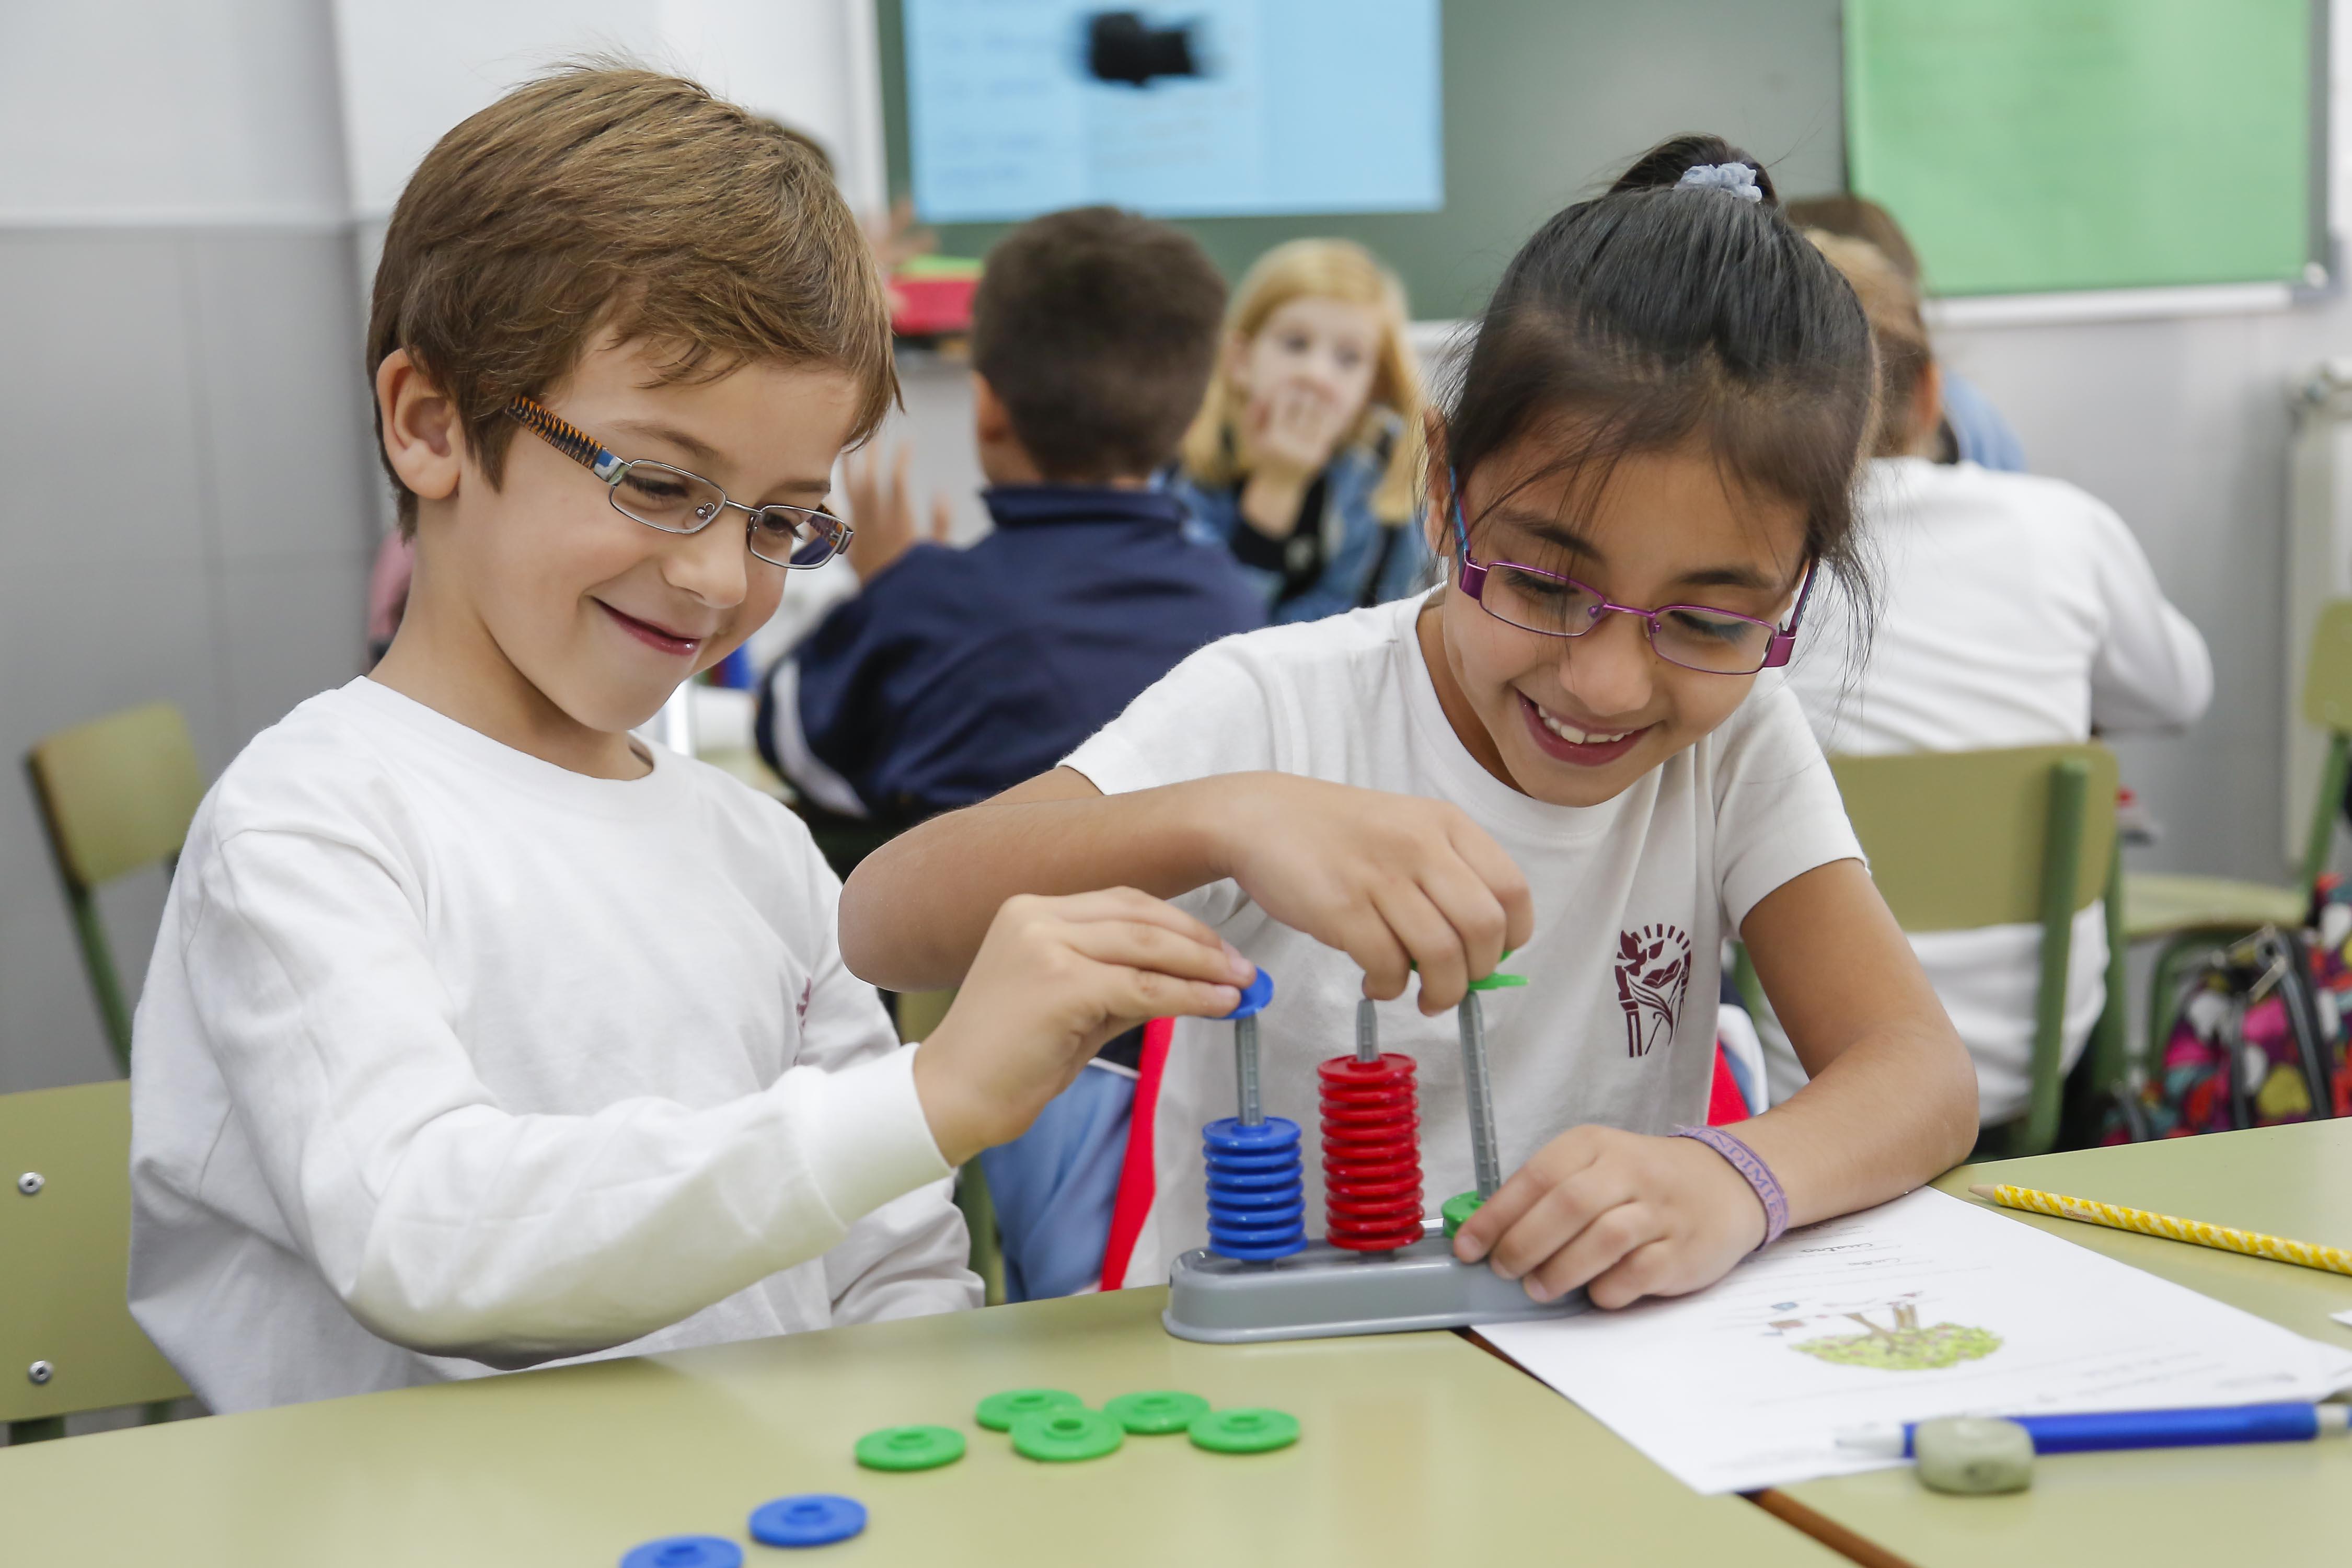 slider 4 - educacion primaria 4